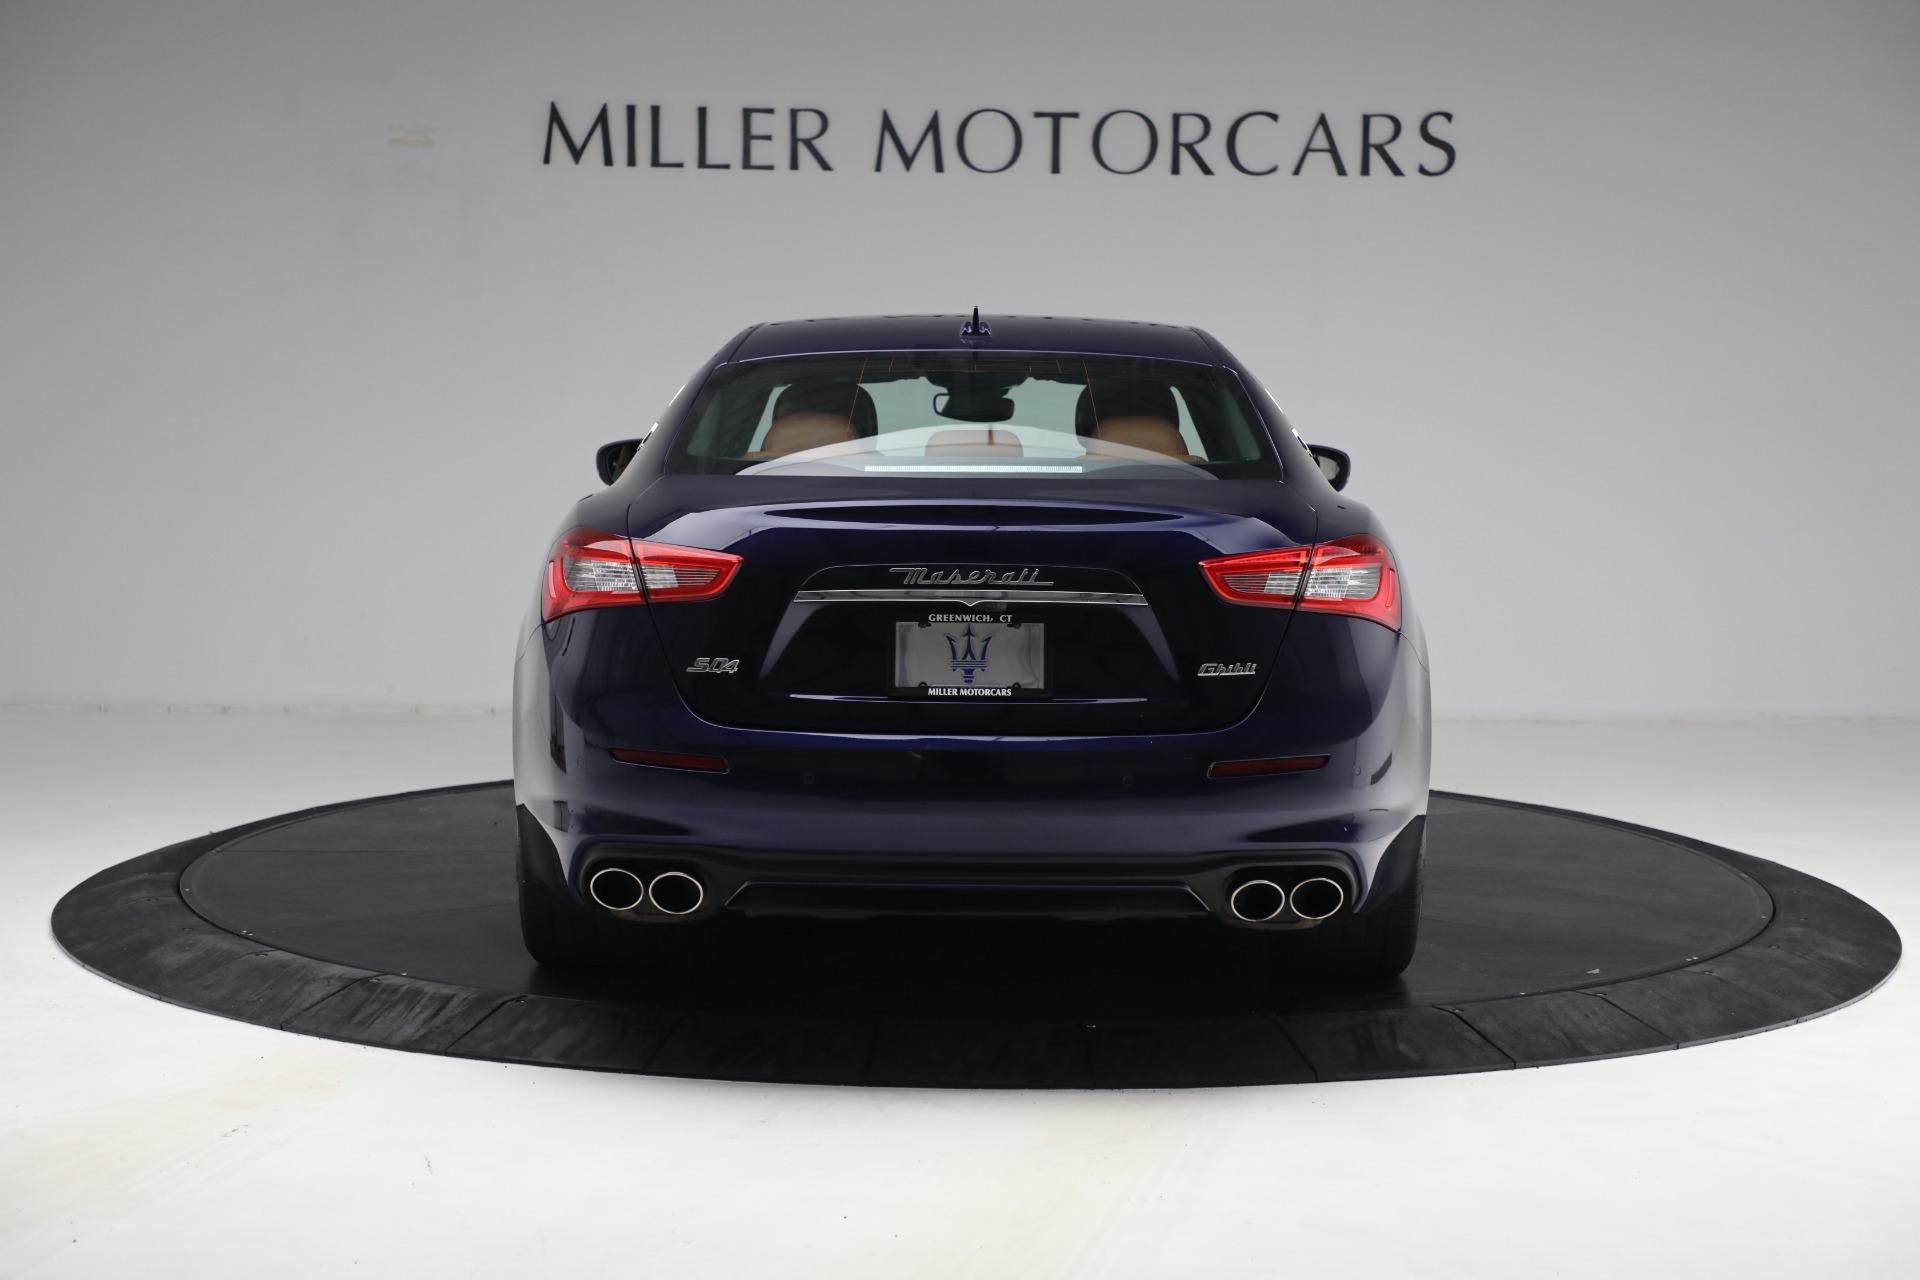 New 2018 Maserati Ghibli S Q4 GranLusso For Sale In Greenwich, CT 1539_p5